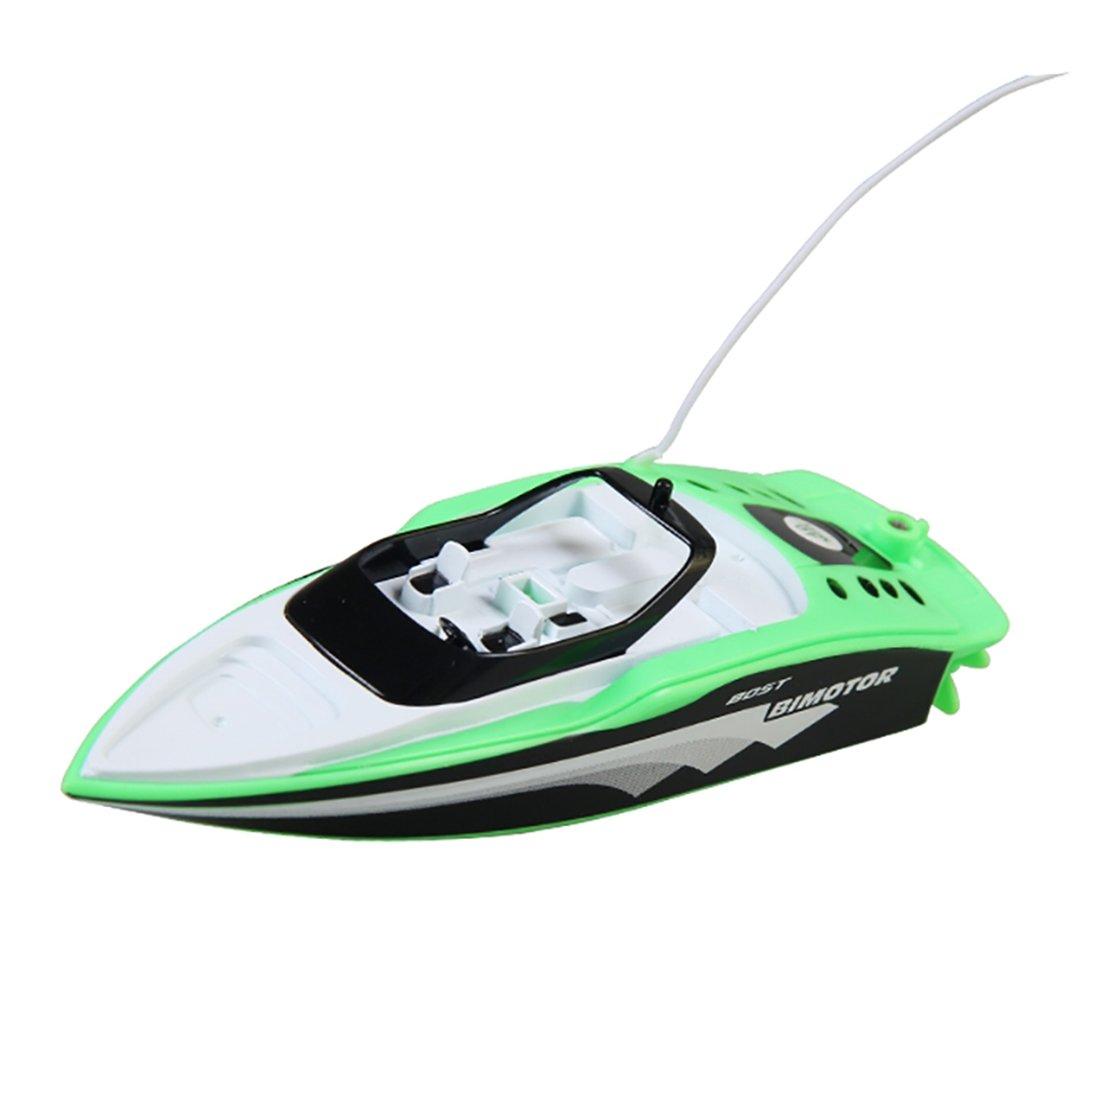 Tosbess RC ferngesteuertes Mini Speedboot mit Integriertem Akku, Komplett-Set inkl. Fernsteuerung, RC Boot, RC Schiff